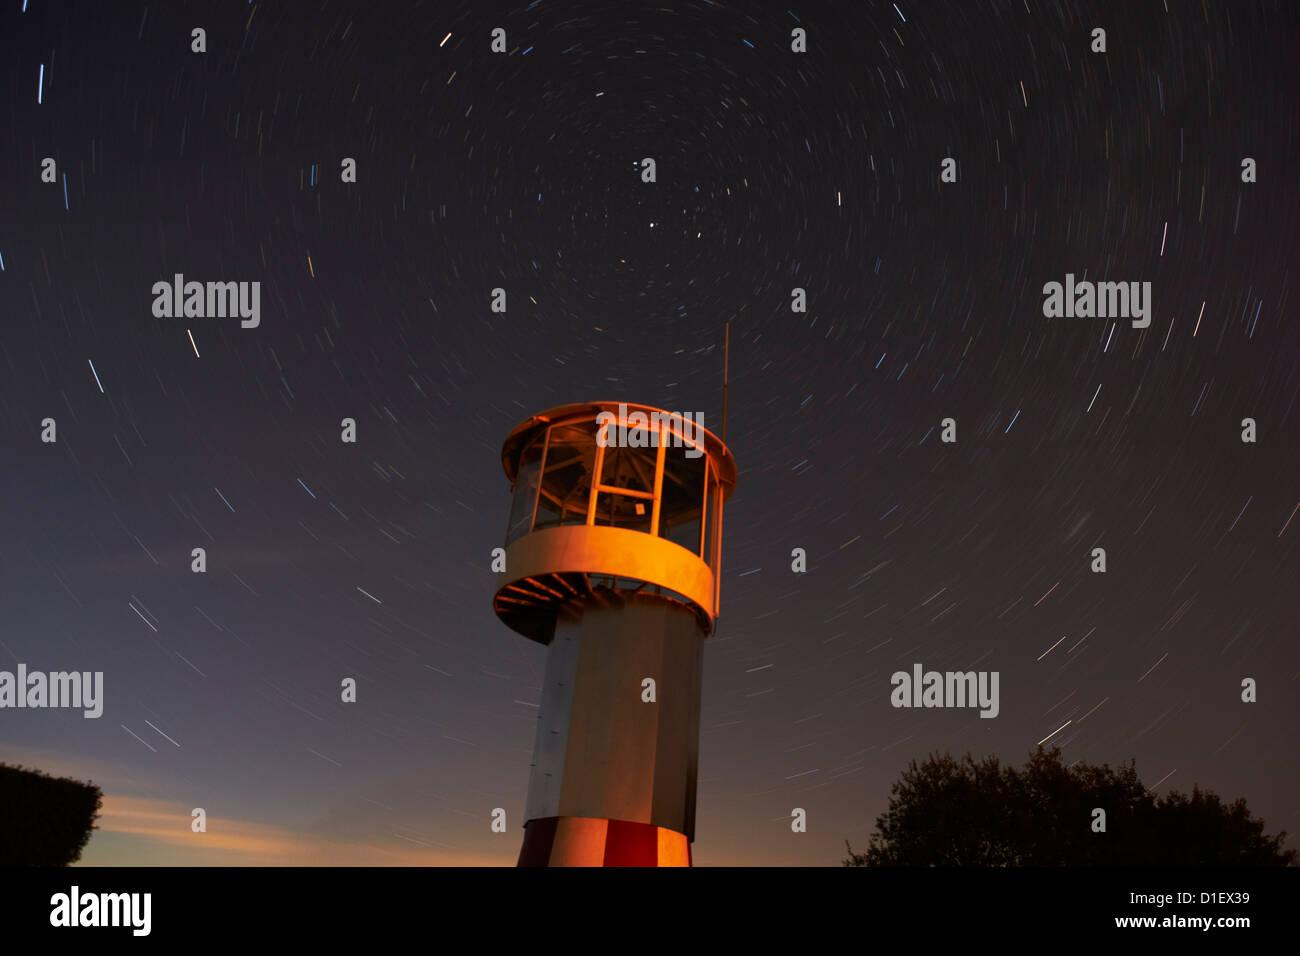 Torre en el microlite Sauldorf al aeropuerto por la noche, en Sigmaringen, Baden-Wurtemberg, Alemania, foto aérea Foto de stock